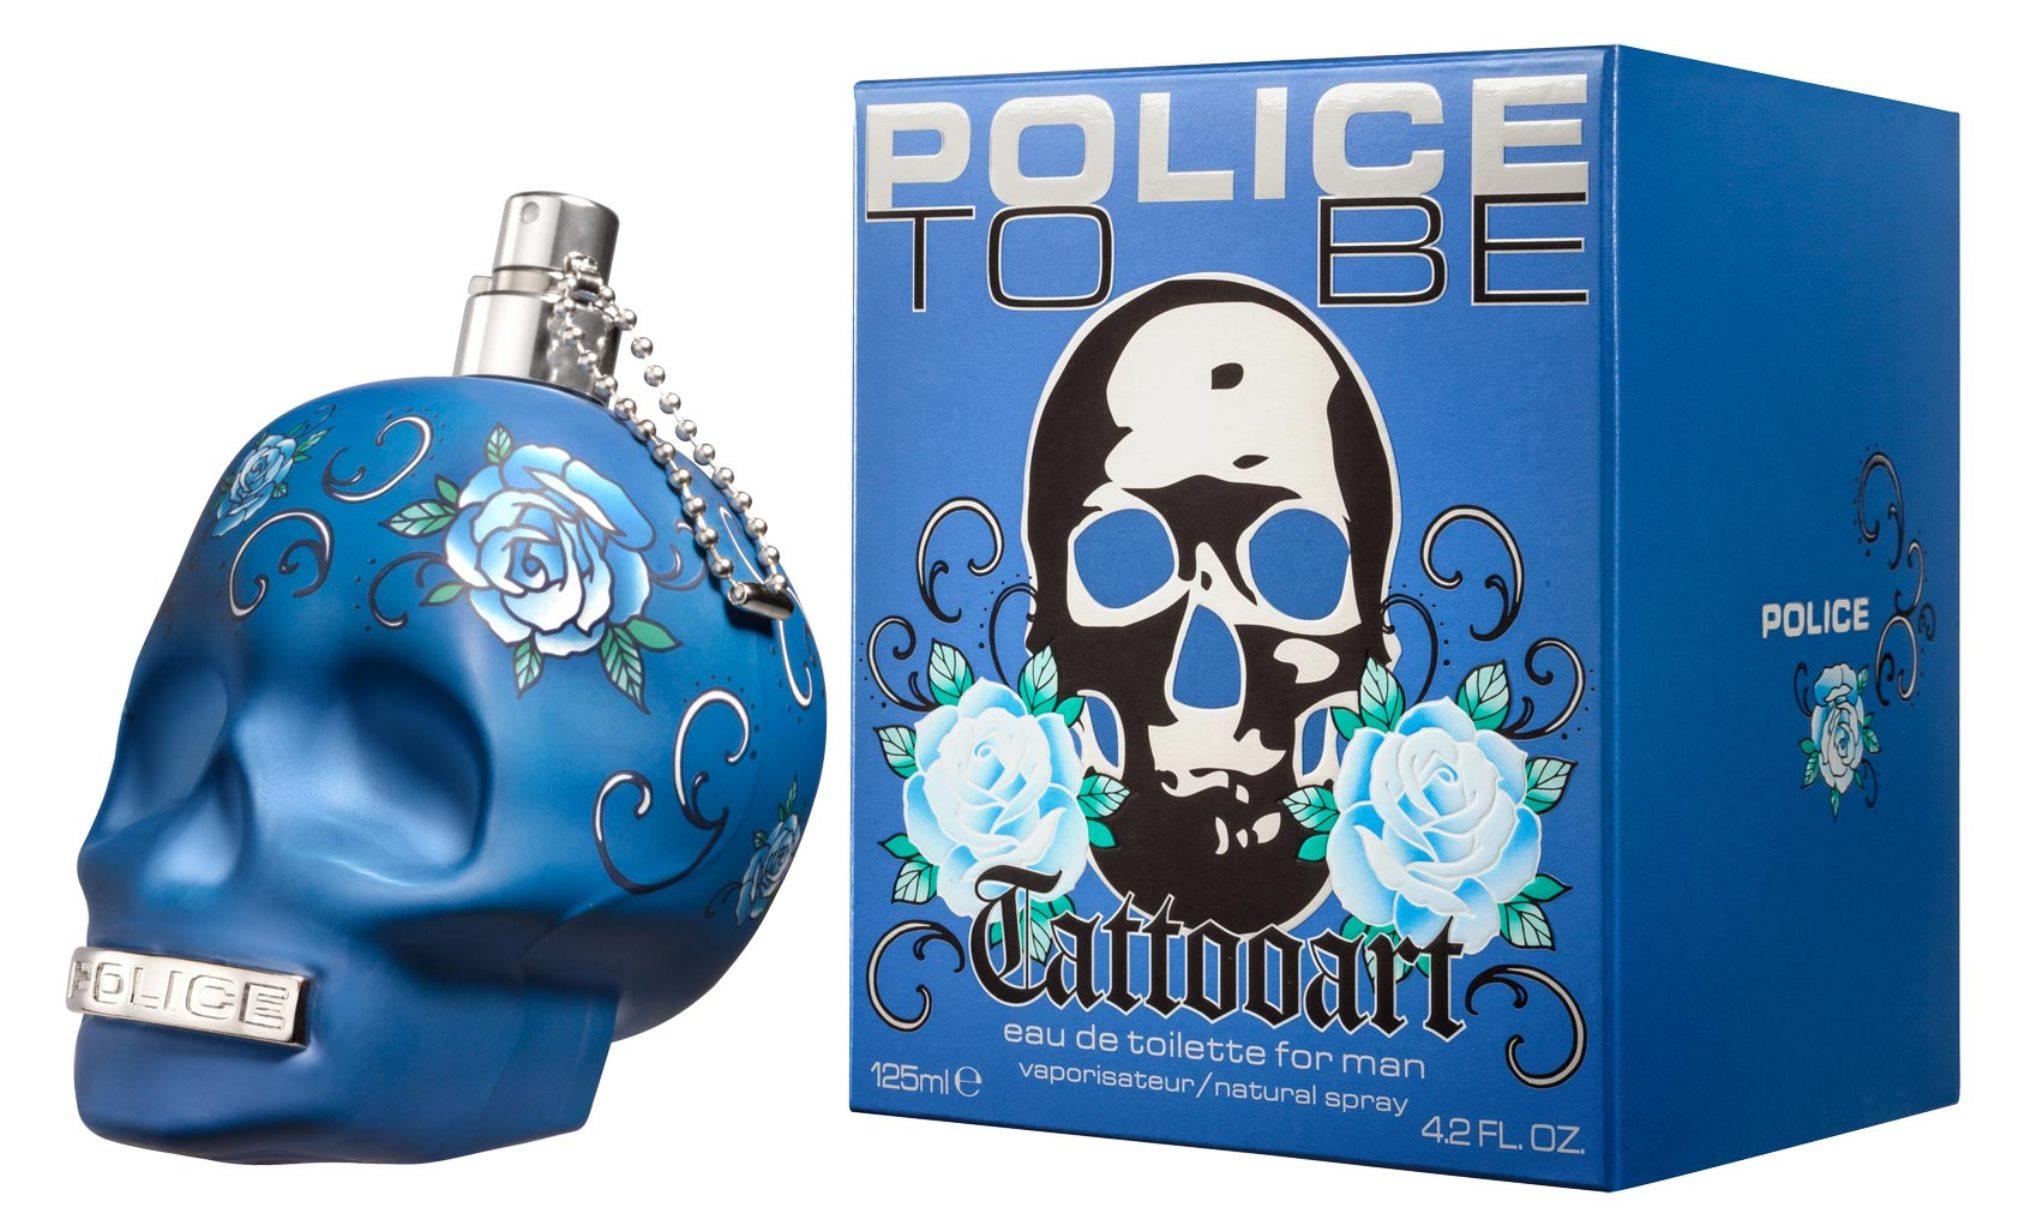 POLICE | To Be Tattooart Man Eau de Toilette 125 ML